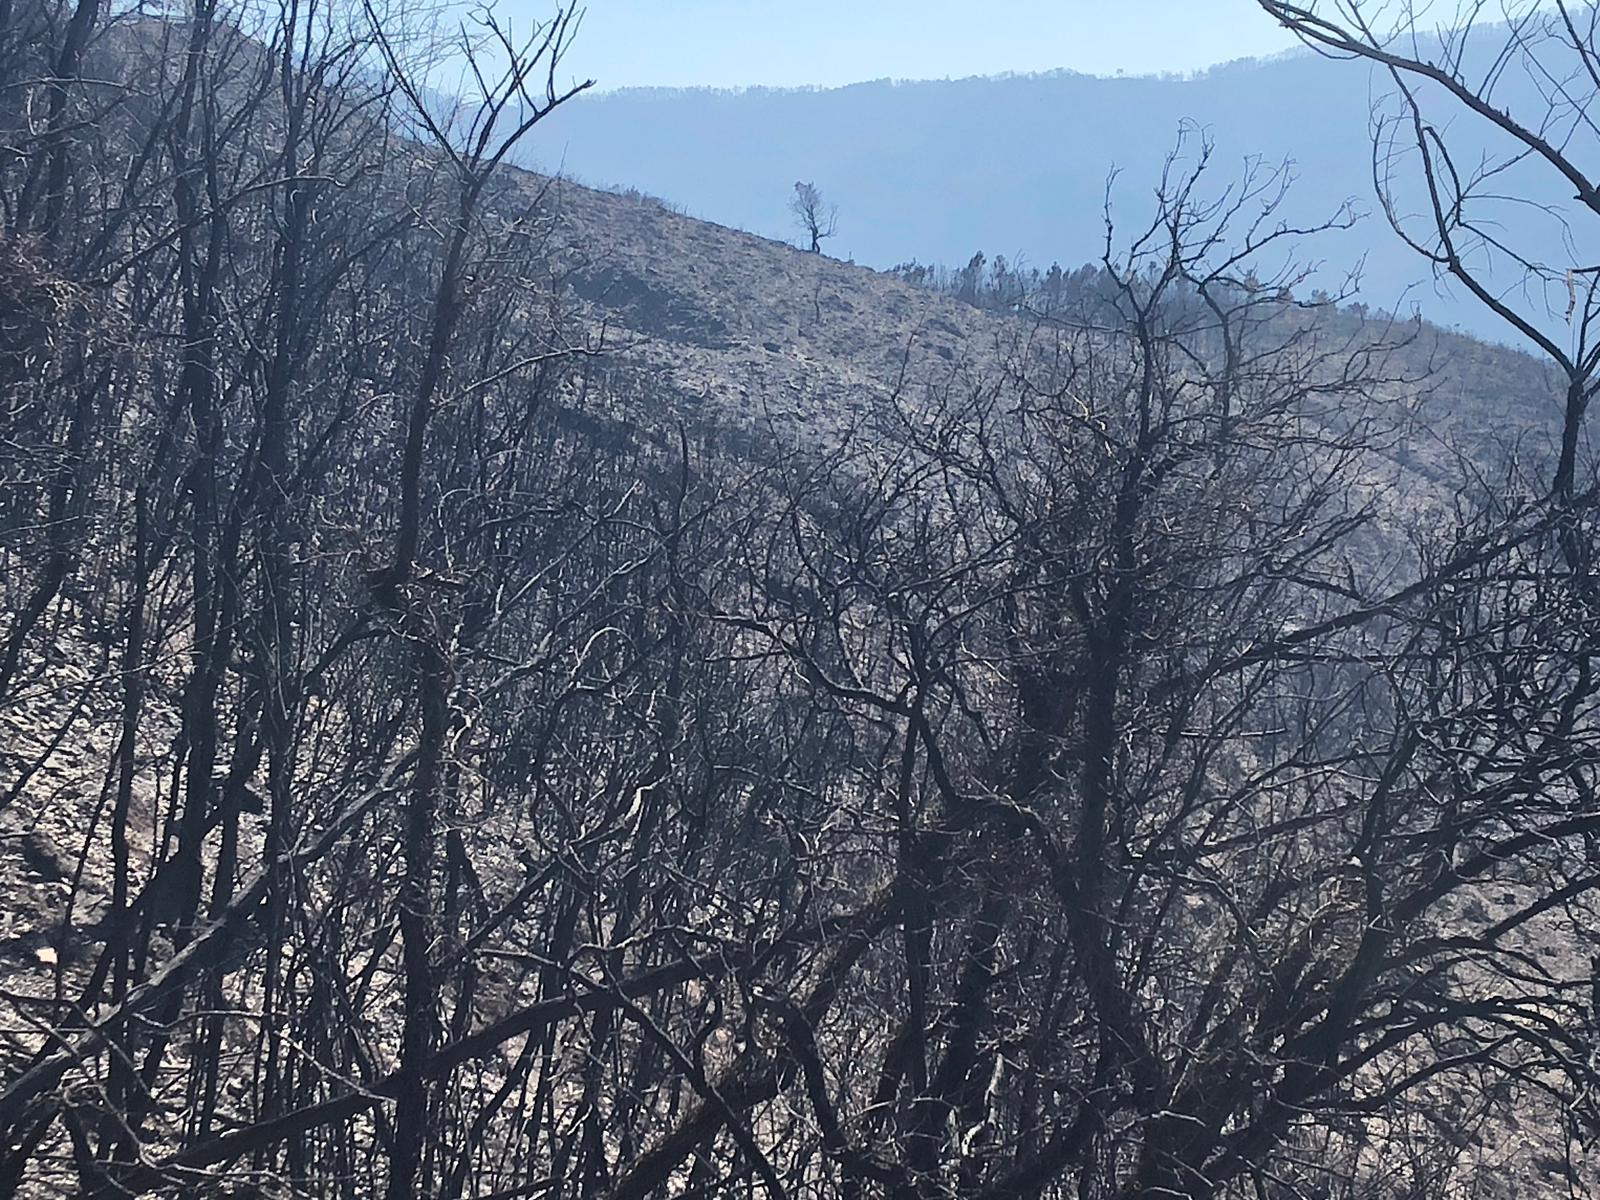 Bosco Distrutto dal Fuoco, Monte Serra 2018 - Foto di Cascina Notizie